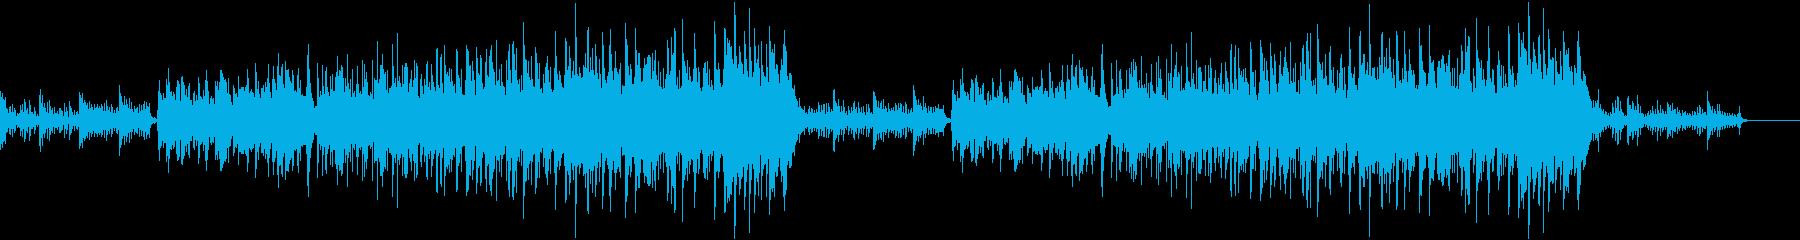 企業VP,映像、動画制作ショートムービーの再生済みの波形